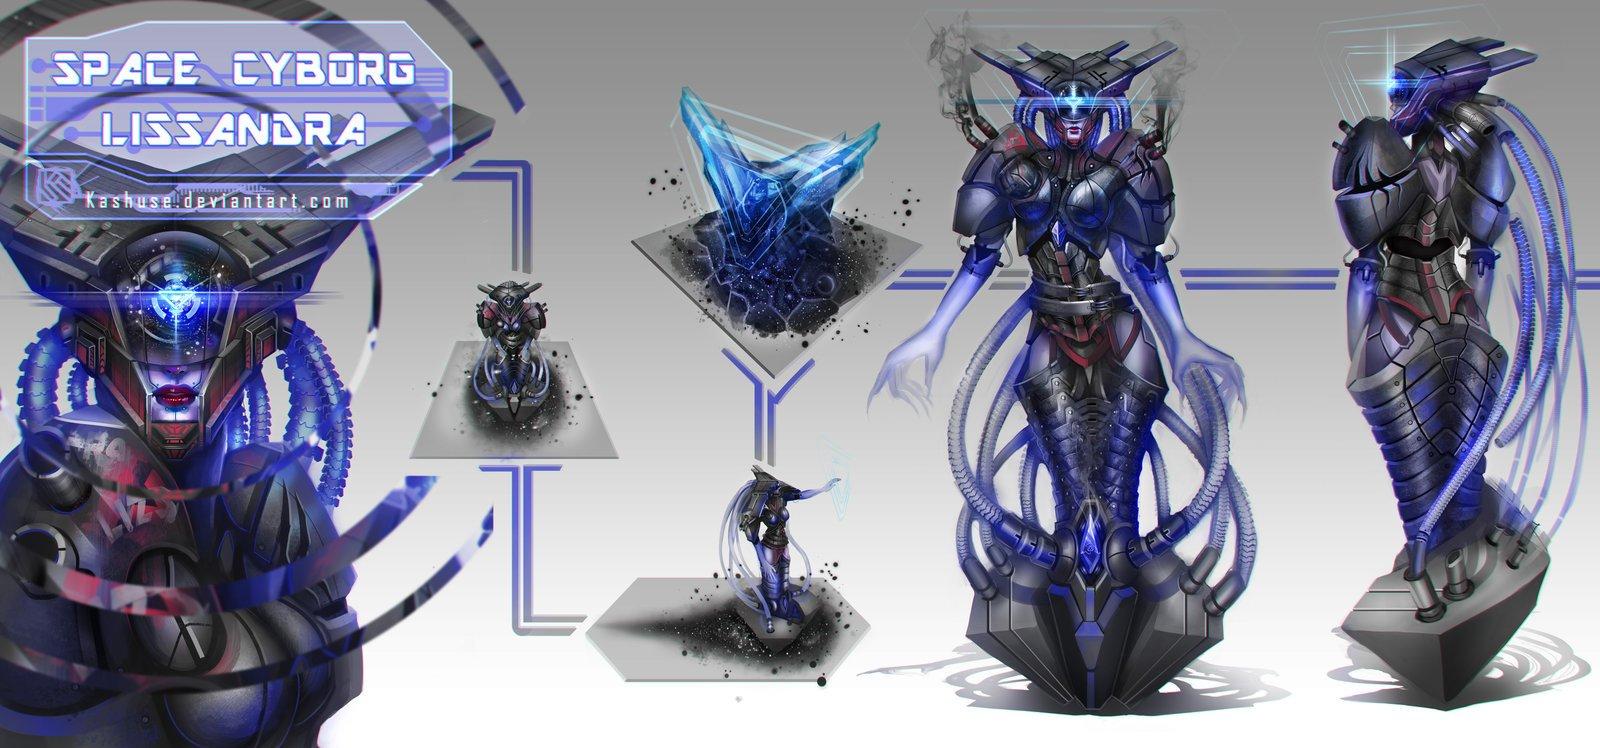 Space Cyborg Lissandra Fan Art League Of Legends Fan-Art ...